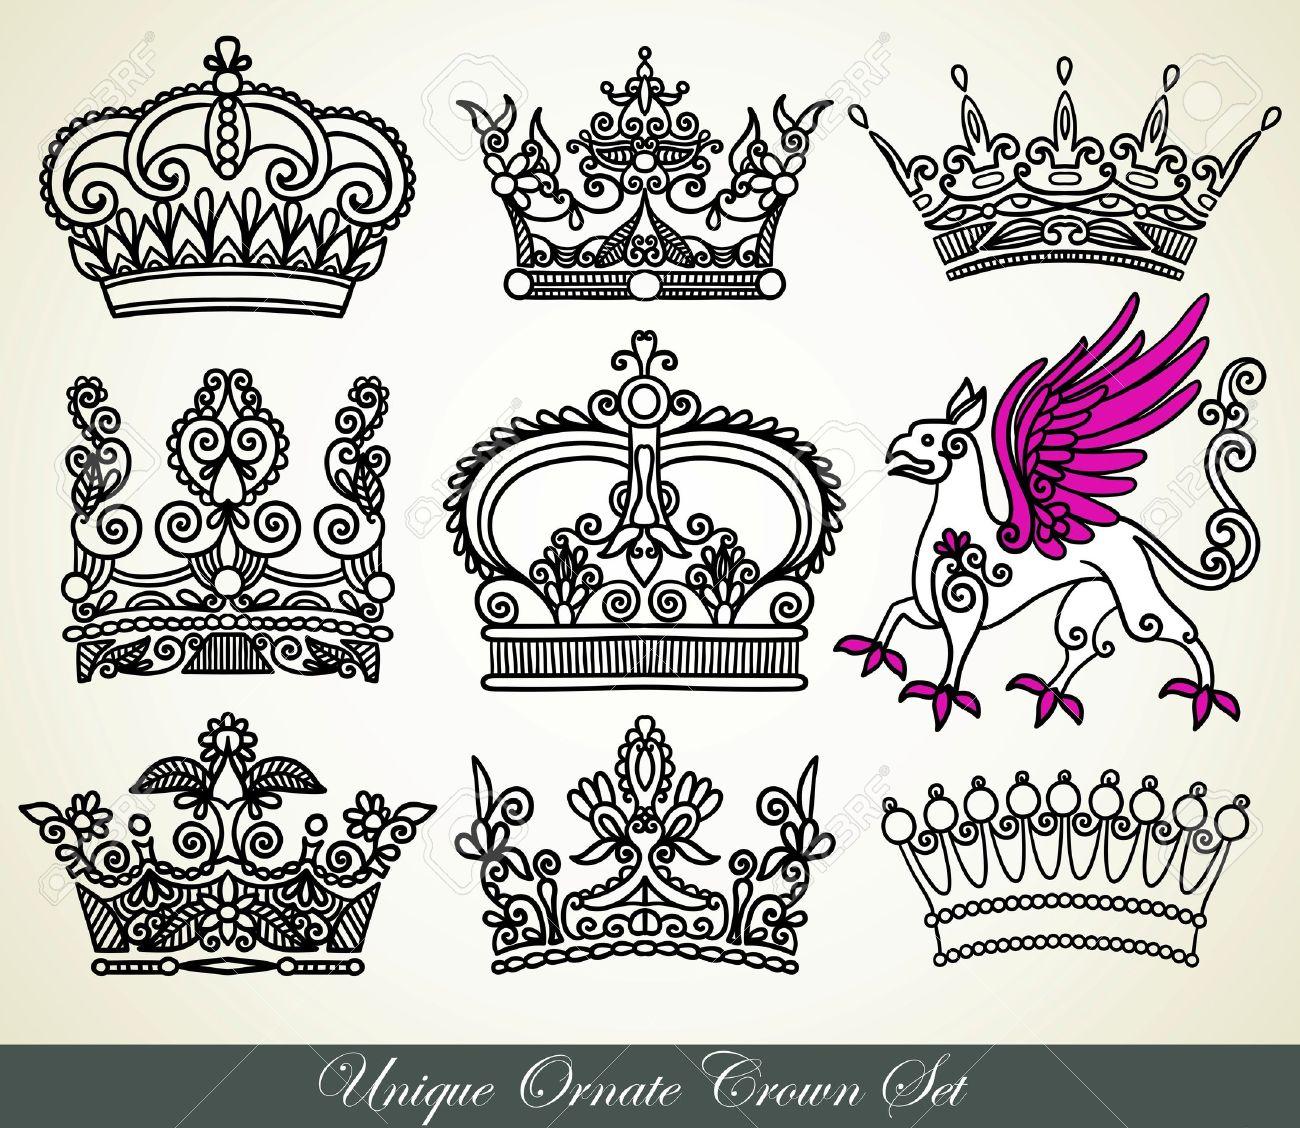 Crown Tattoo Designs 2 jpg Princess Crown Drawing Tattoo